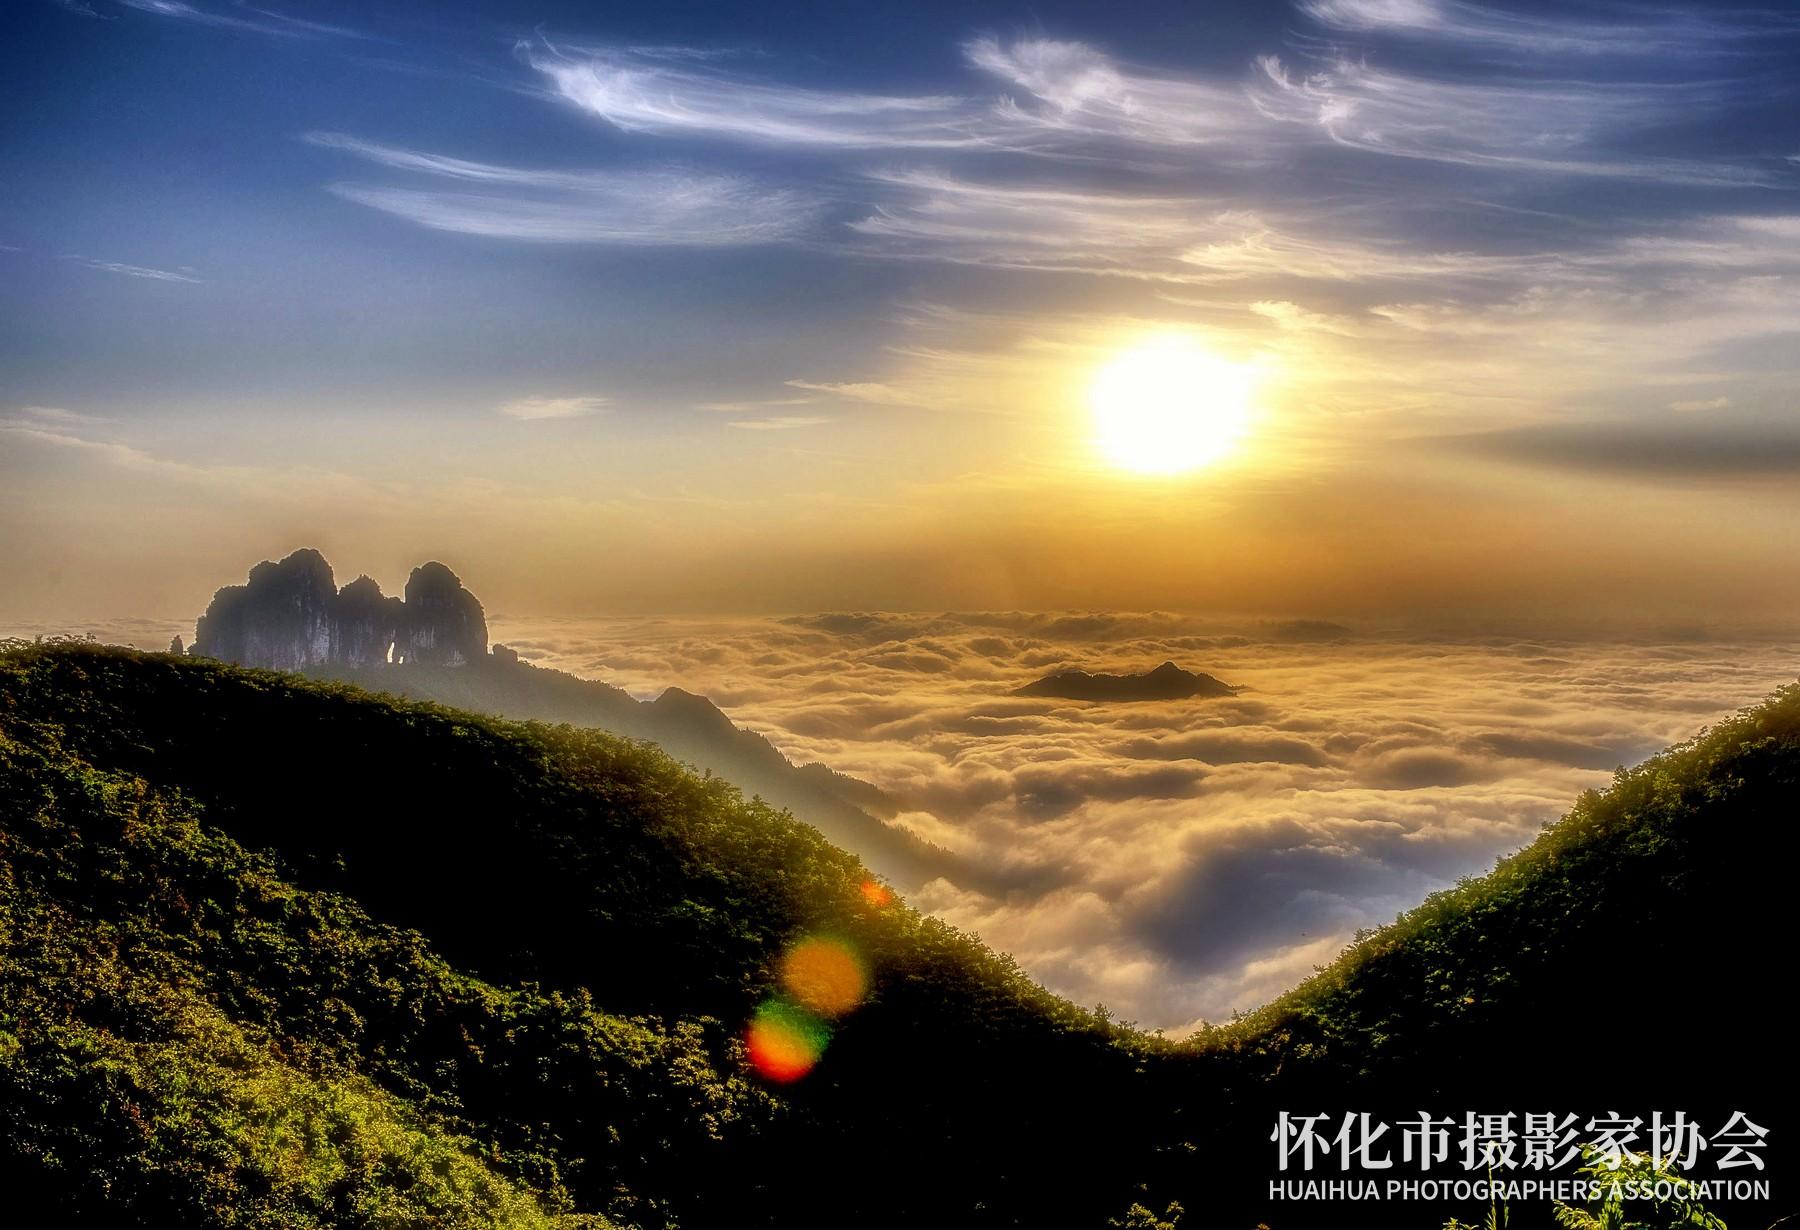 《吕洞山日出》吴小平